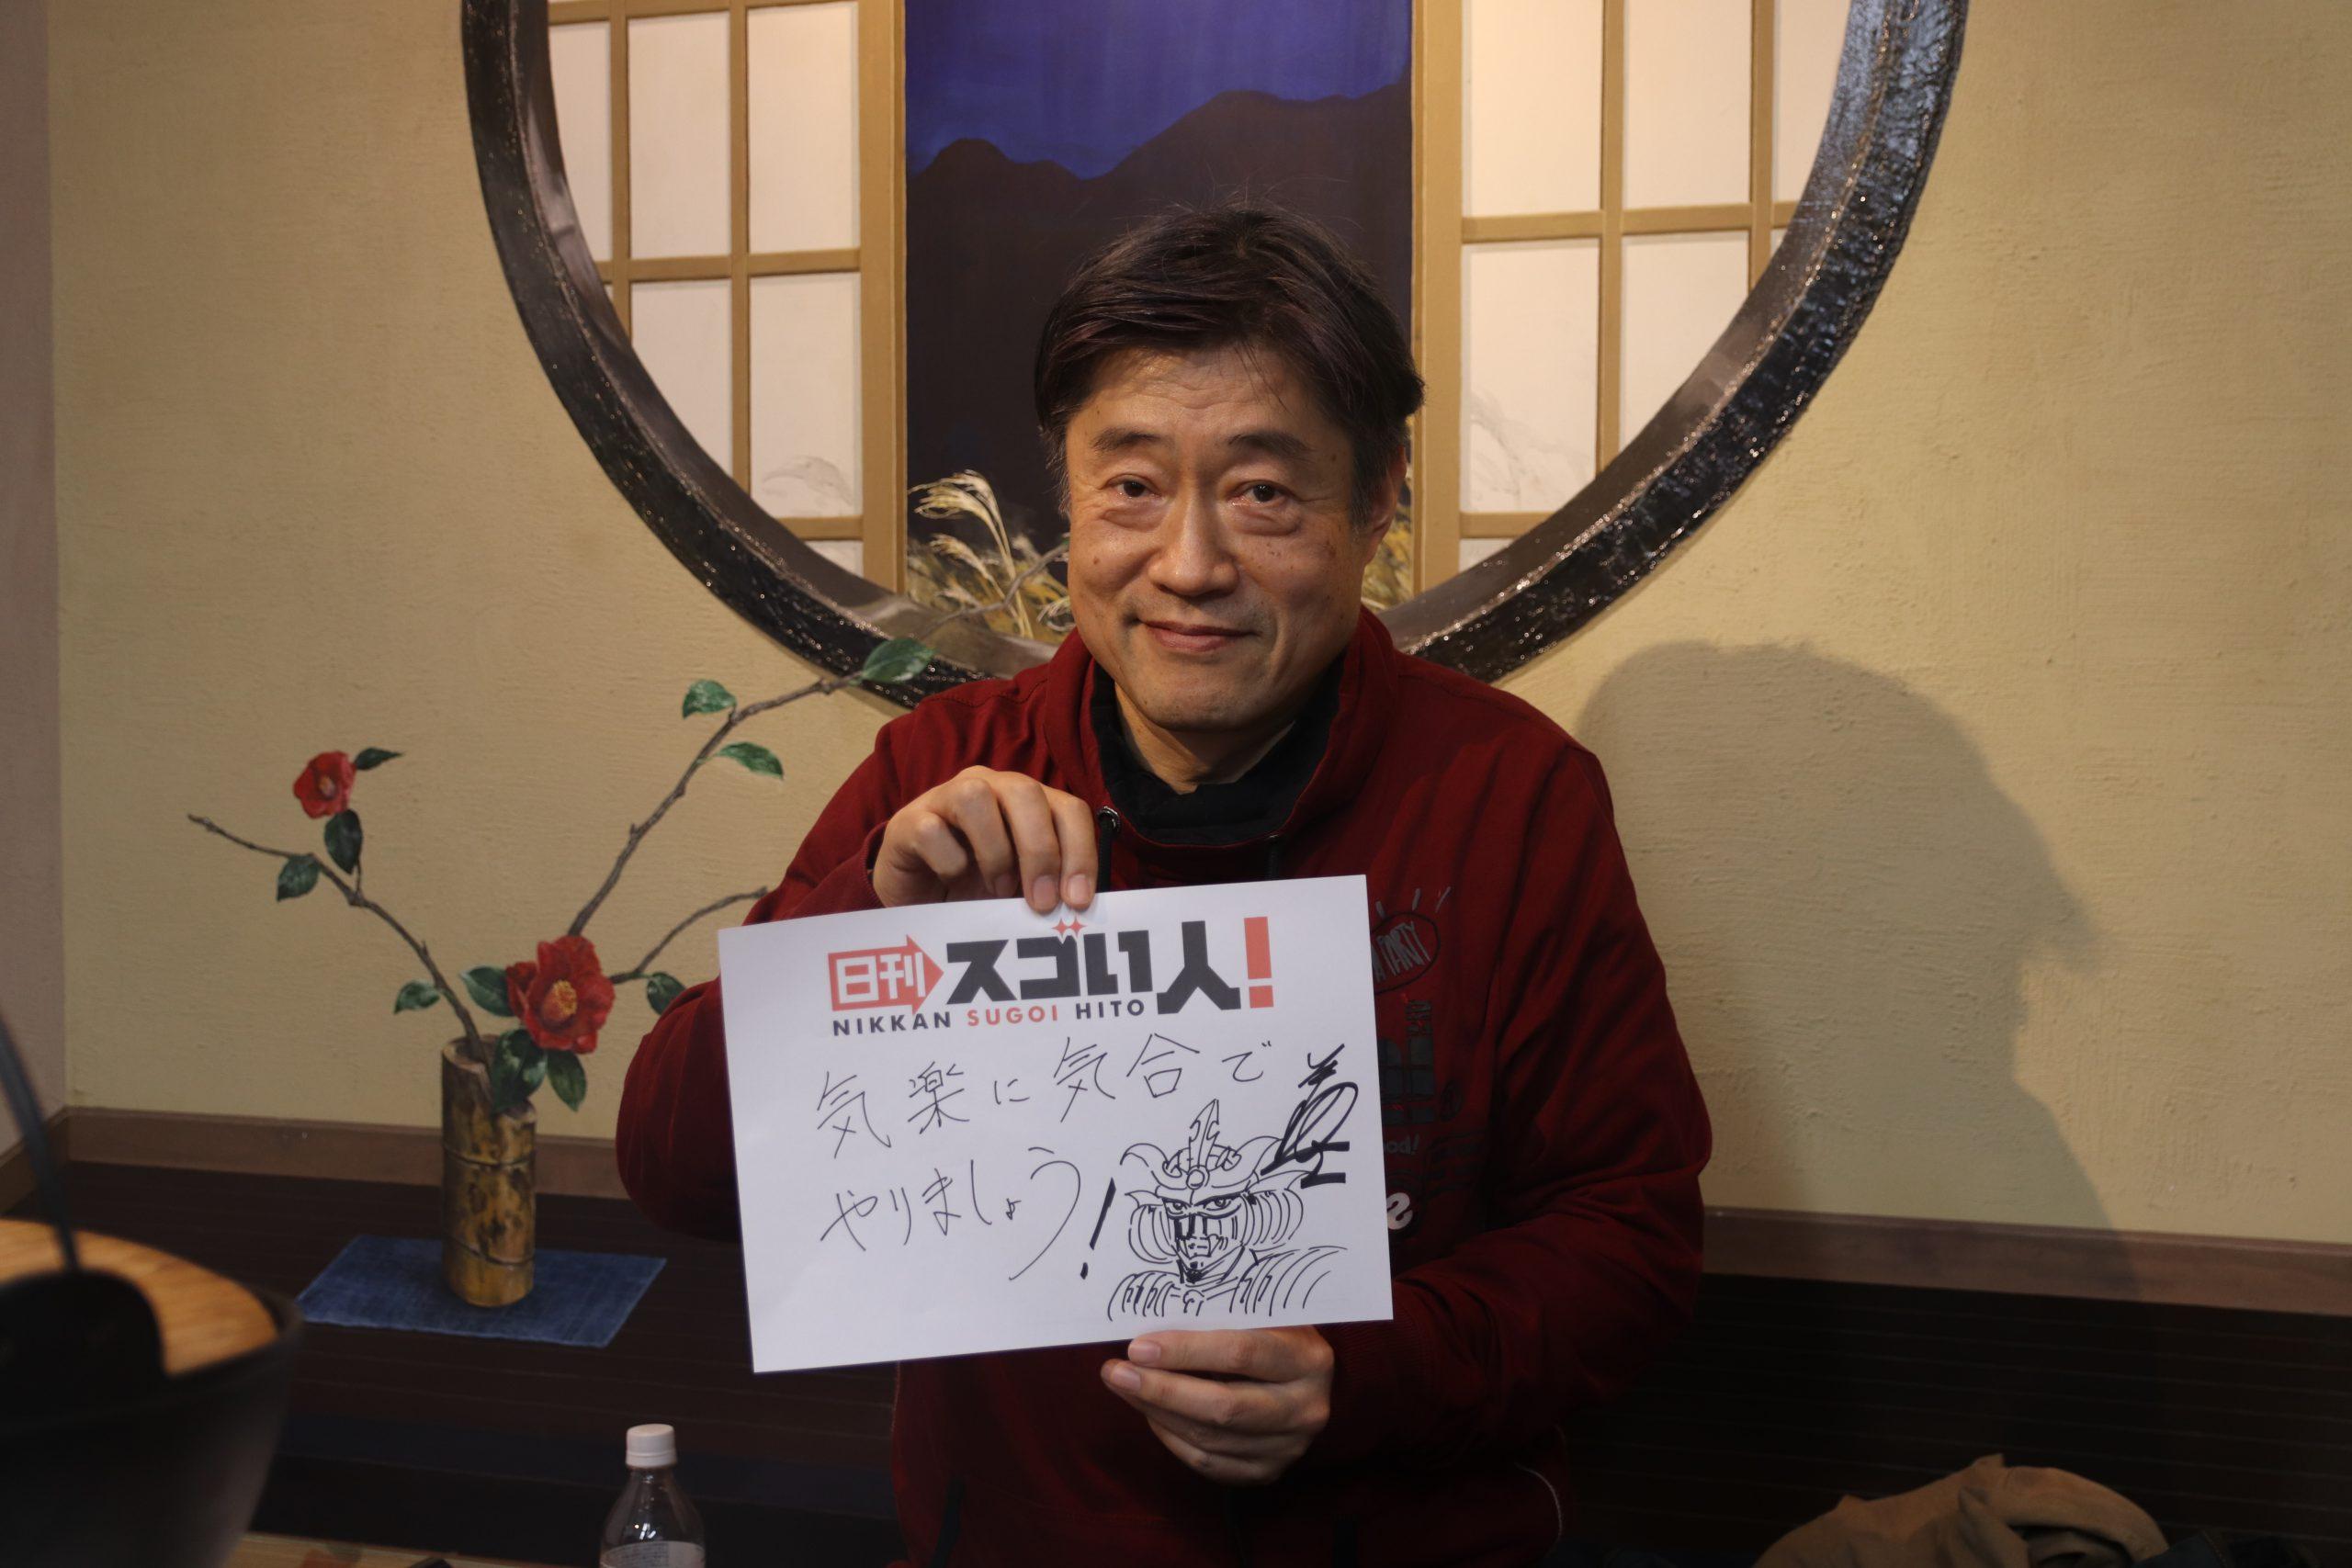 (日本語) 異色の作風でジャンプ黄金期作家陣に名を連ねたスゴい人!DAY1